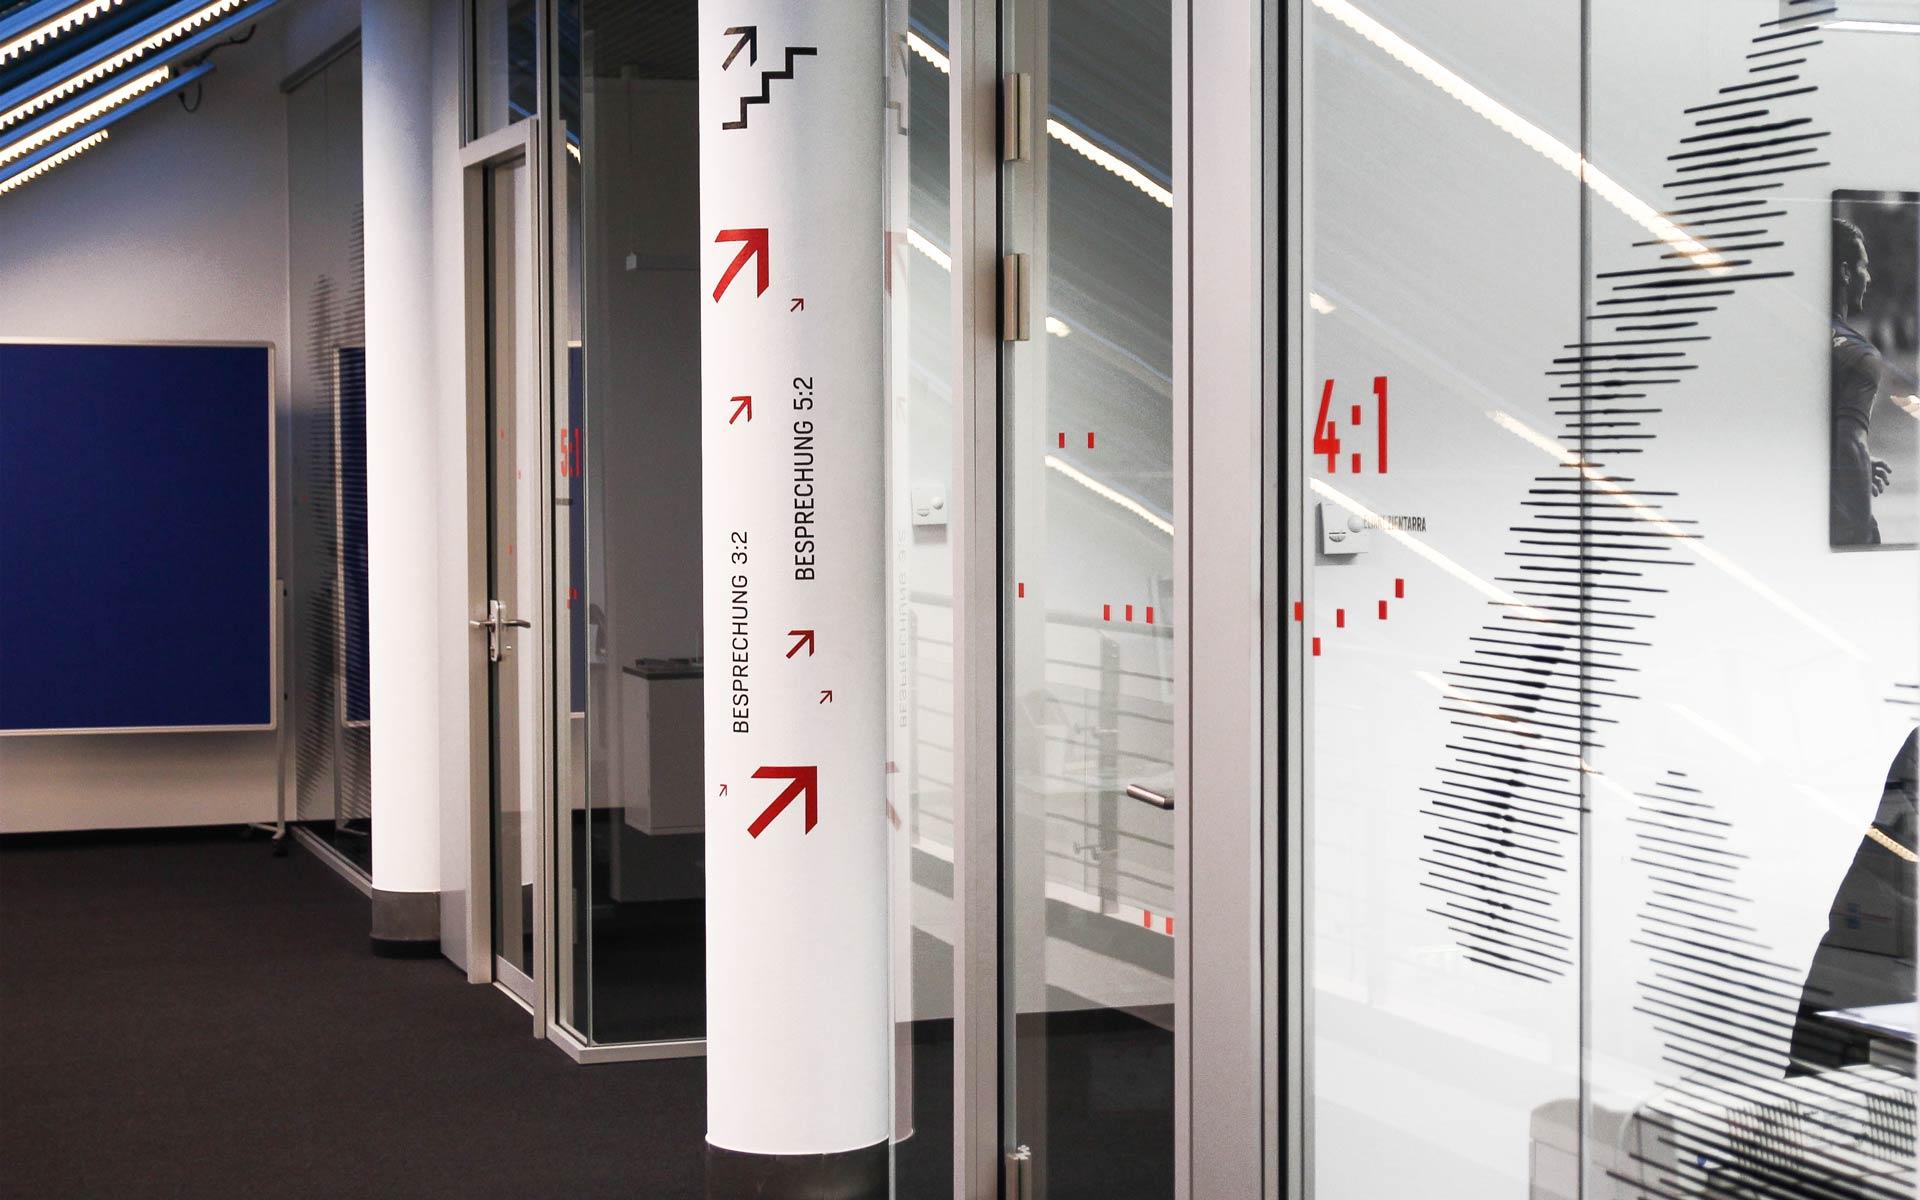 Bayer 04 neue Liegenschaft – Wayfinding, Leit- und Orientierungssystem,  Orientierungshinweise an den Scheiben und Pfeilern